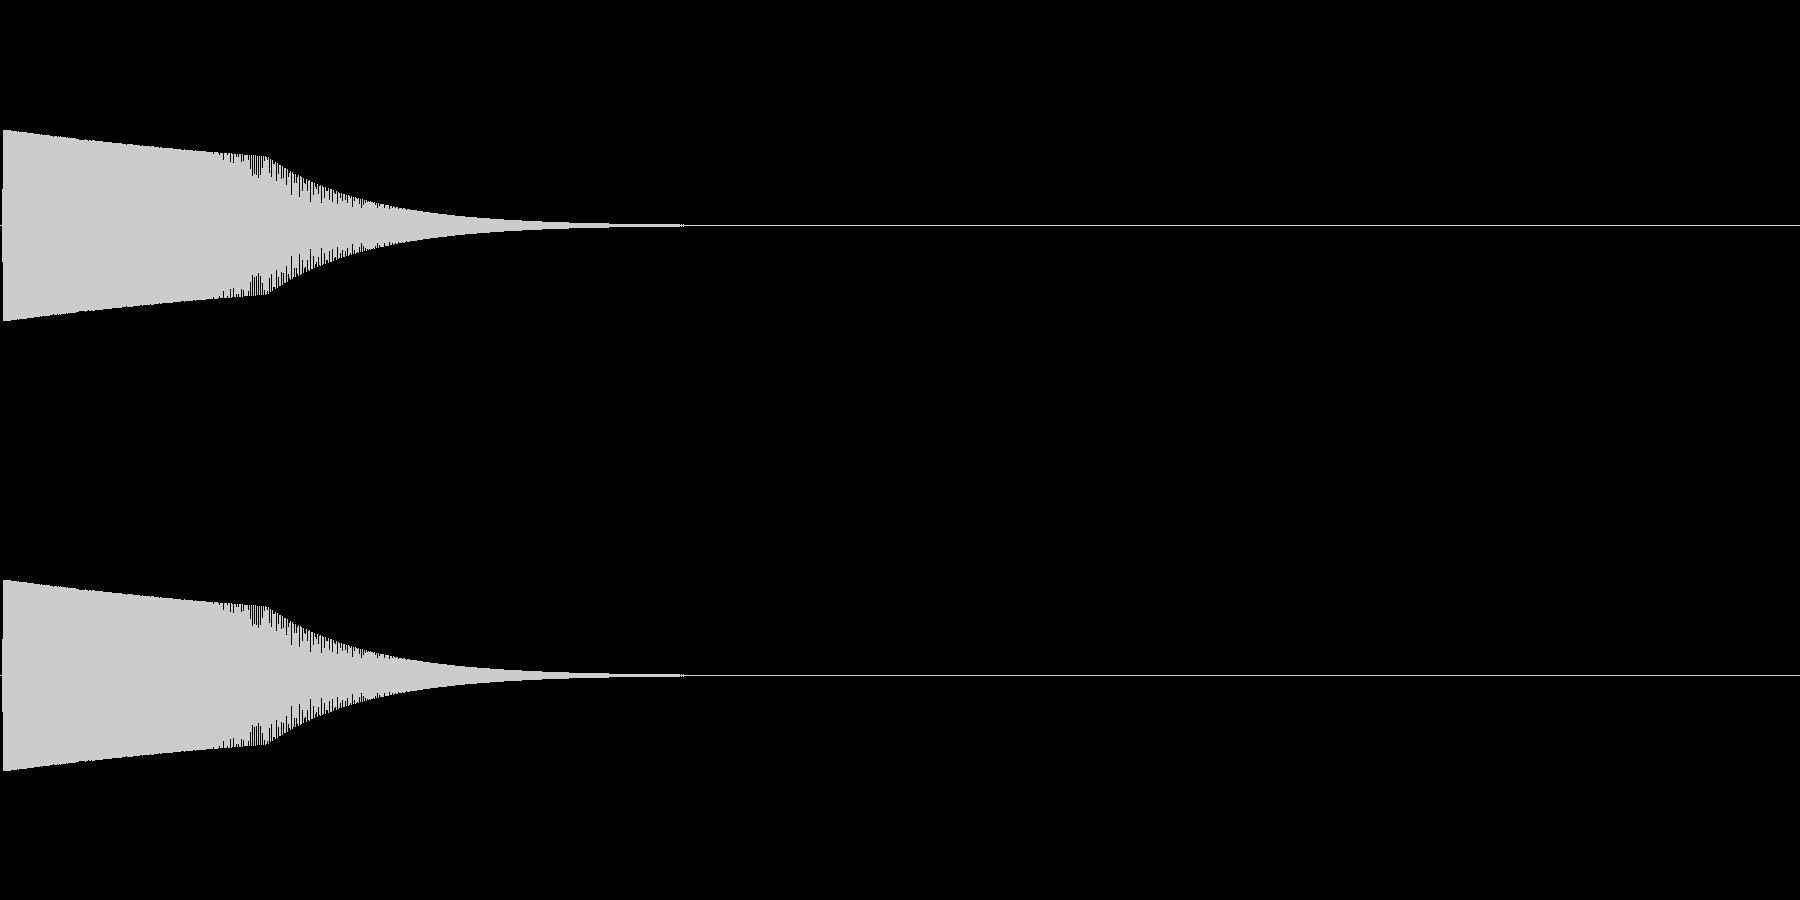 ピヨ:パズルゲームなどに合う効果音の未再生の波形